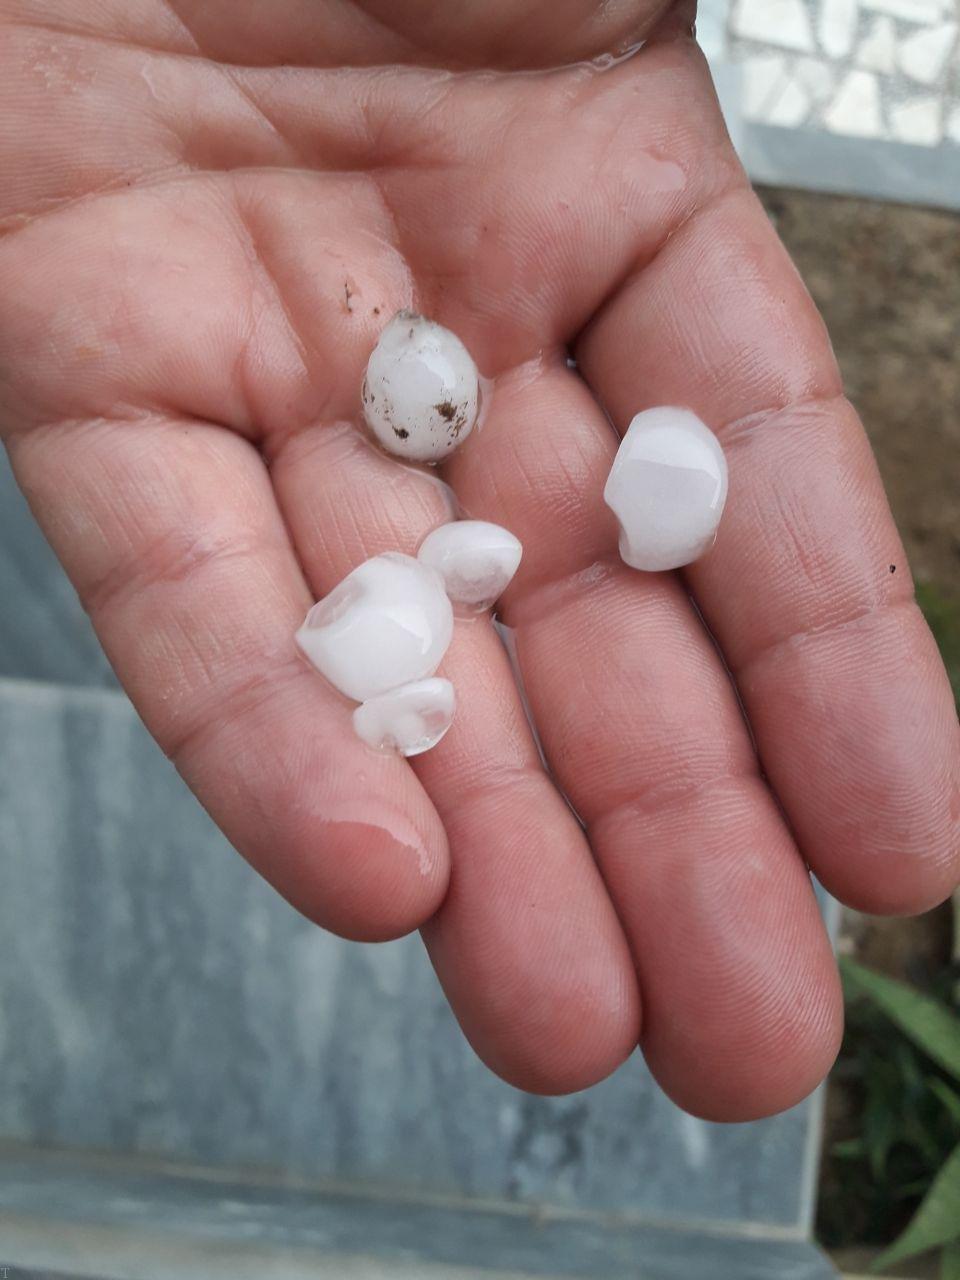 تصاویری از بارش تگرگ + علت بارش تگرگ